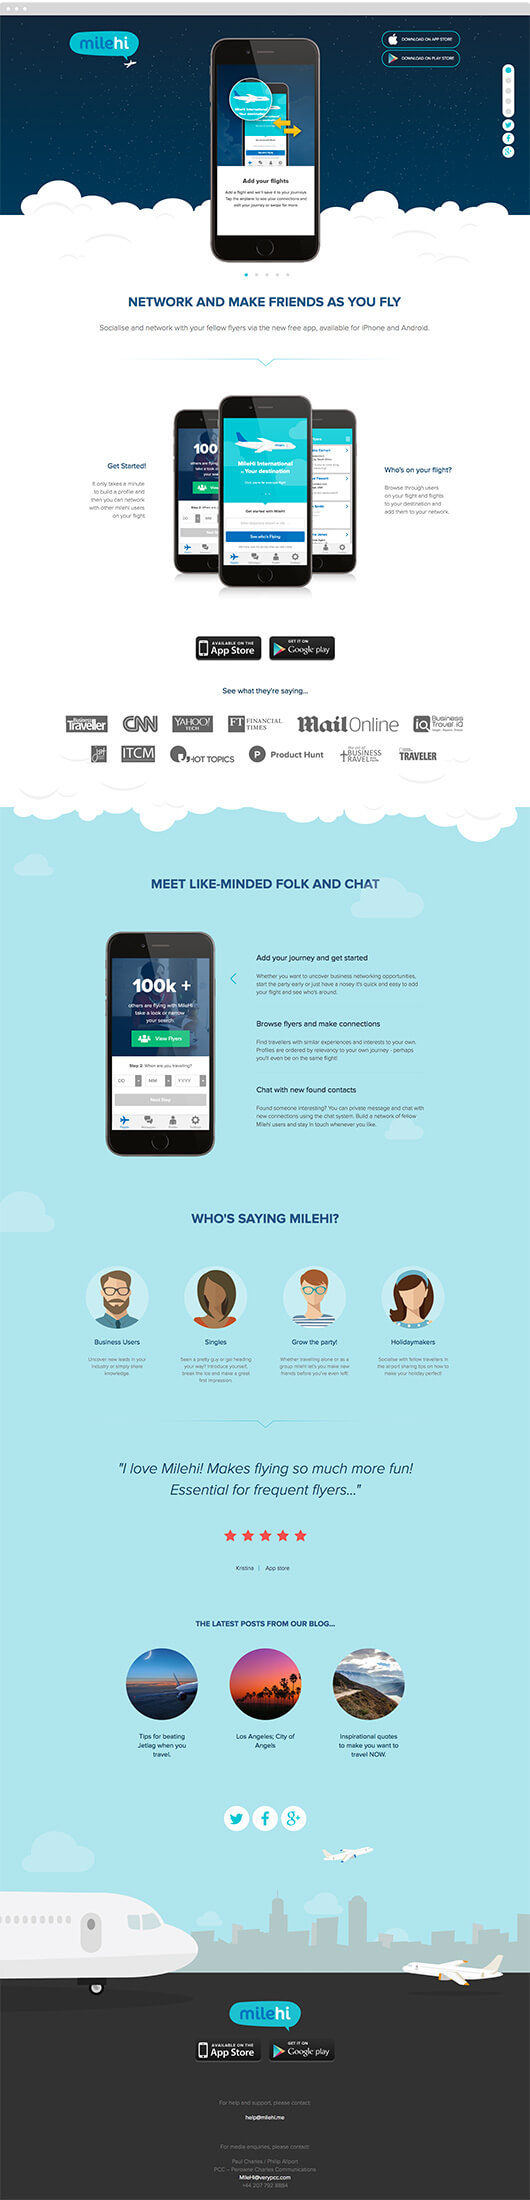 milehi sales website page design